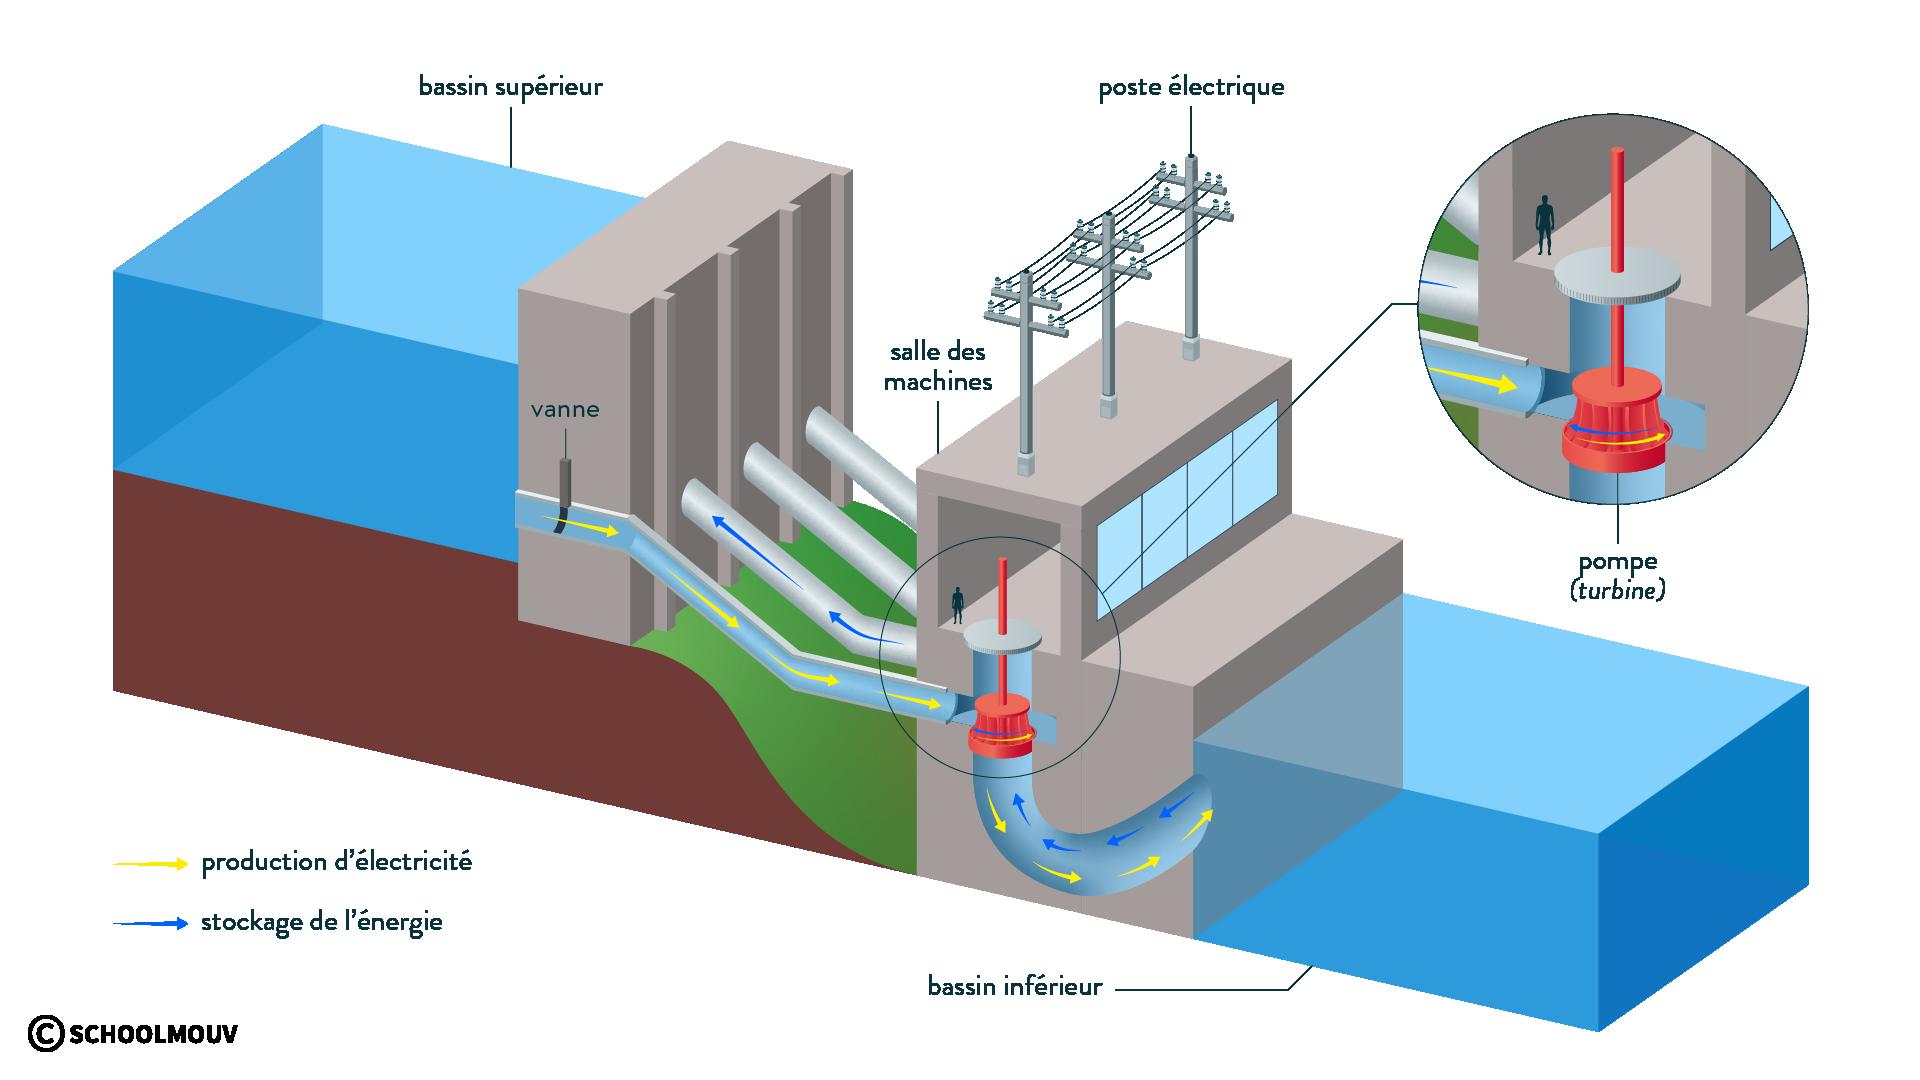 Fonctionnement d'une centrale hydroélectrique avec système de pompage